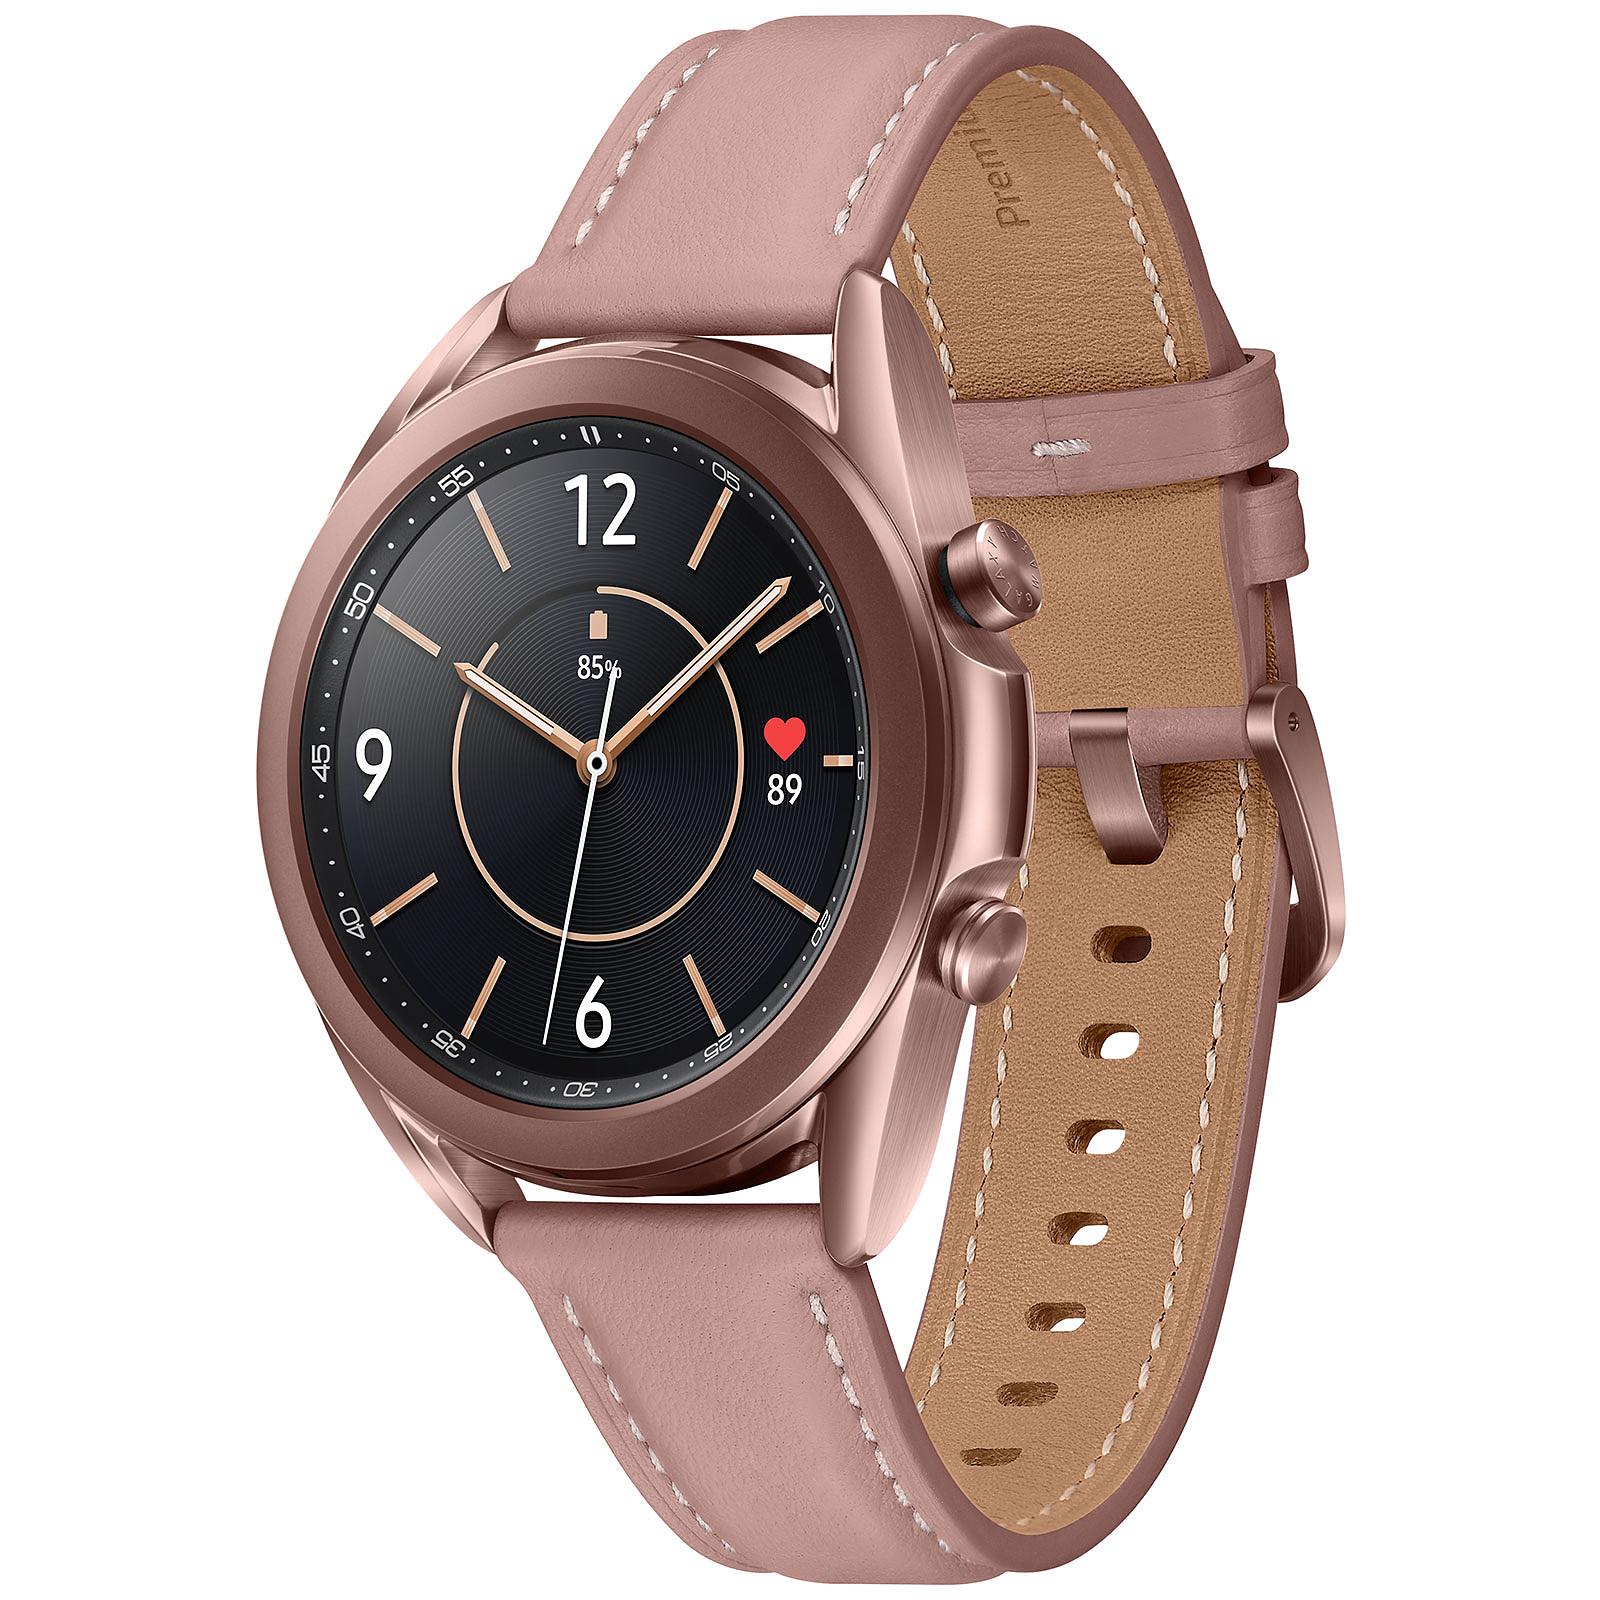 Reloj Samsung Galaxy 3 (41 mm / Bronce)